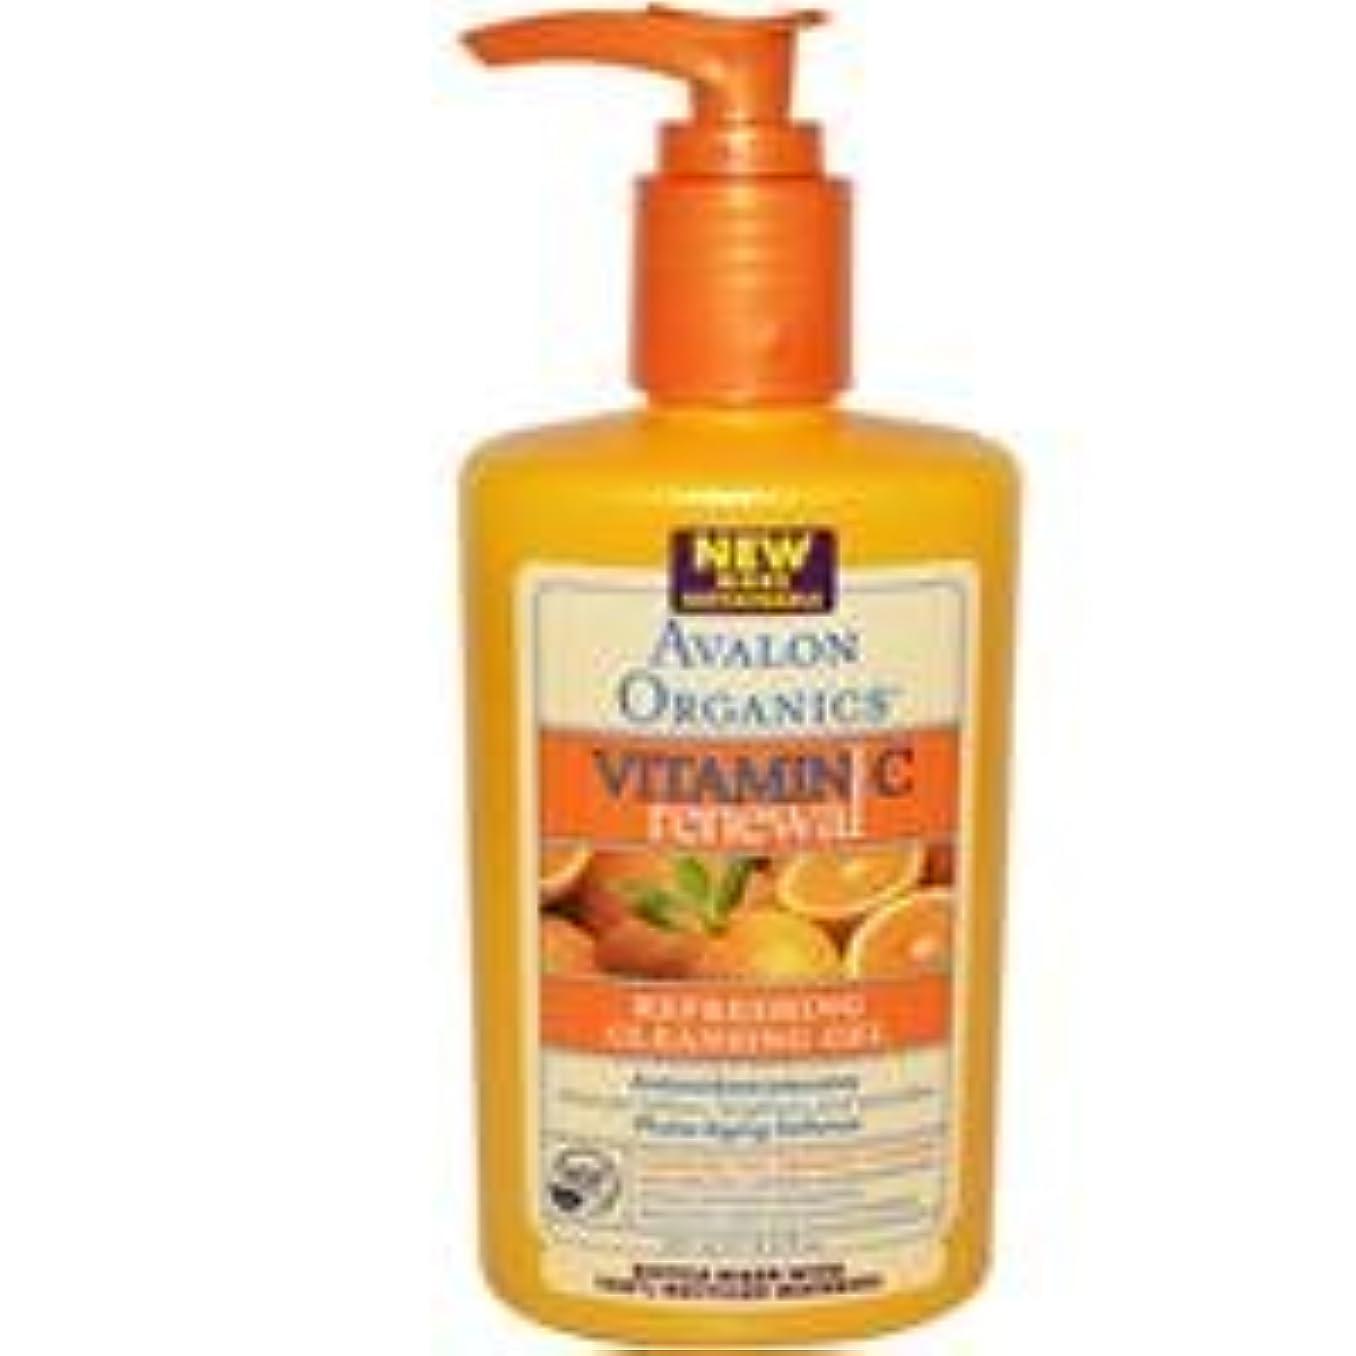 授業料ベッド間違えた[海外直送品] アバロンオーガニック(Avalon Organics)    ビタミンC クレンジング ジェル 251ml